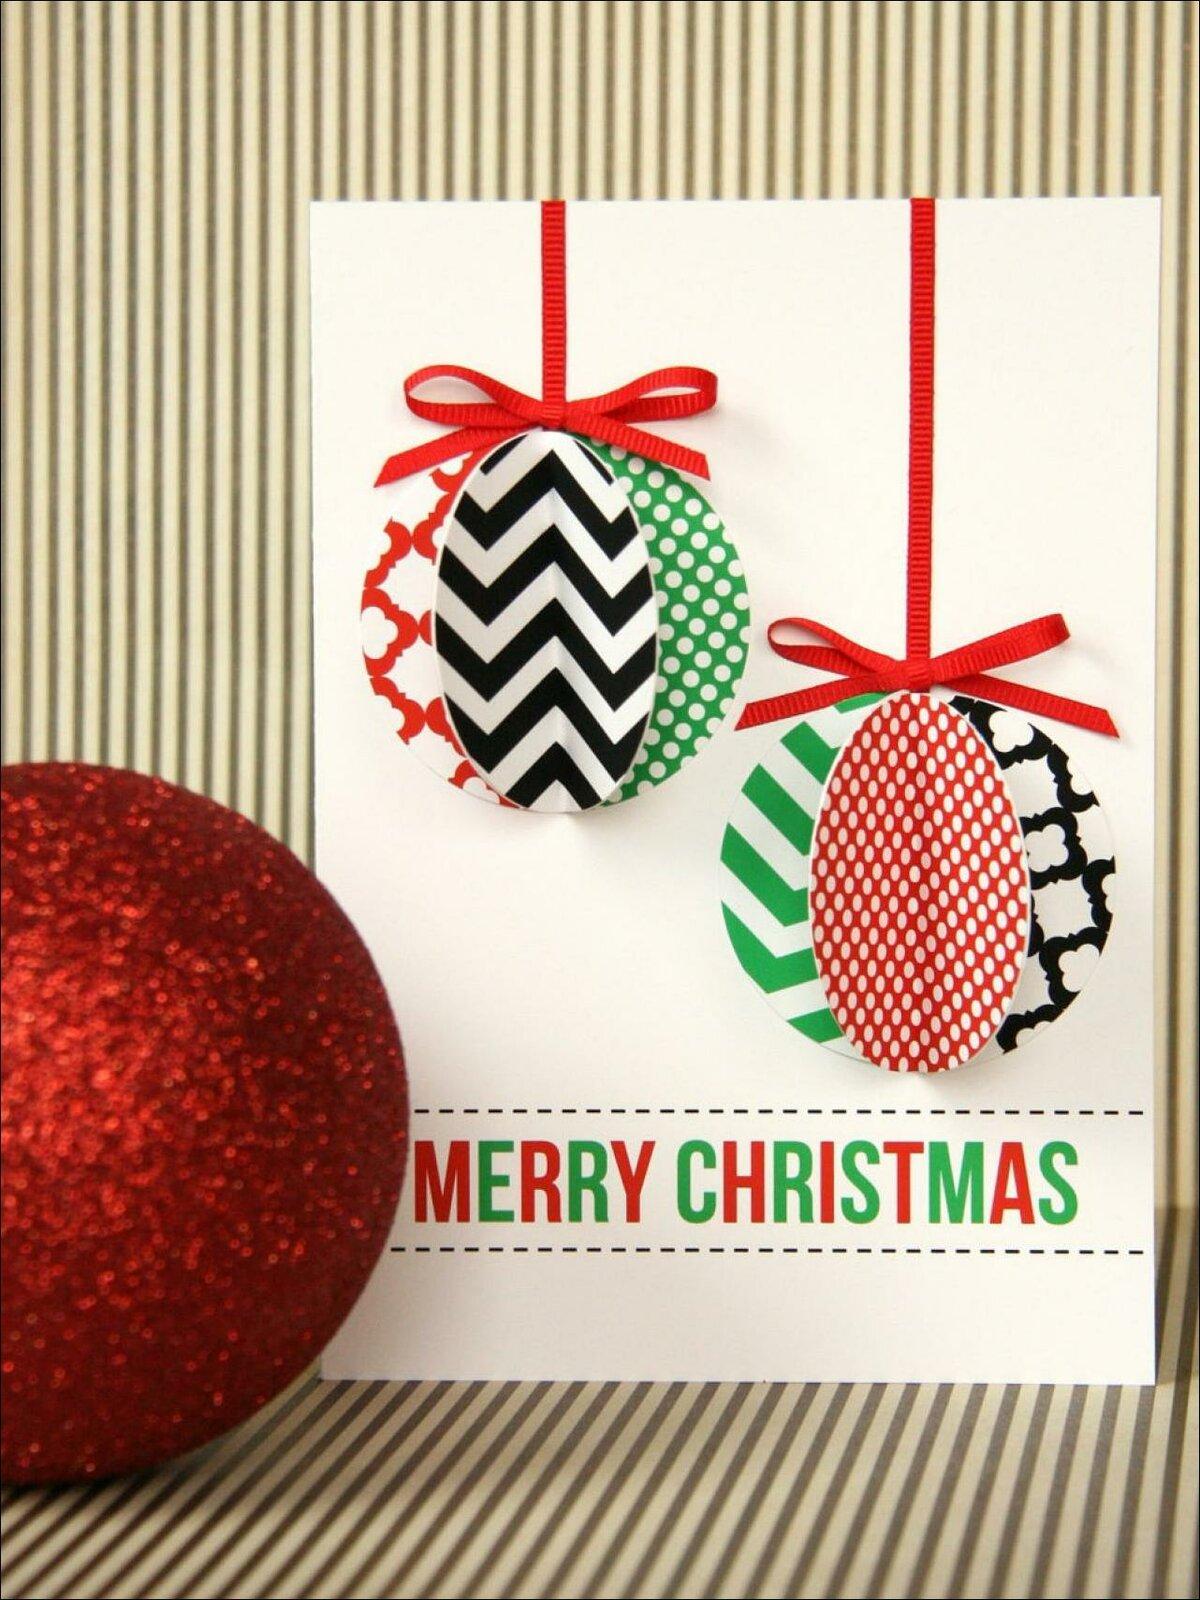 зодчество самодельные открытки на новый год боуэна мужчин